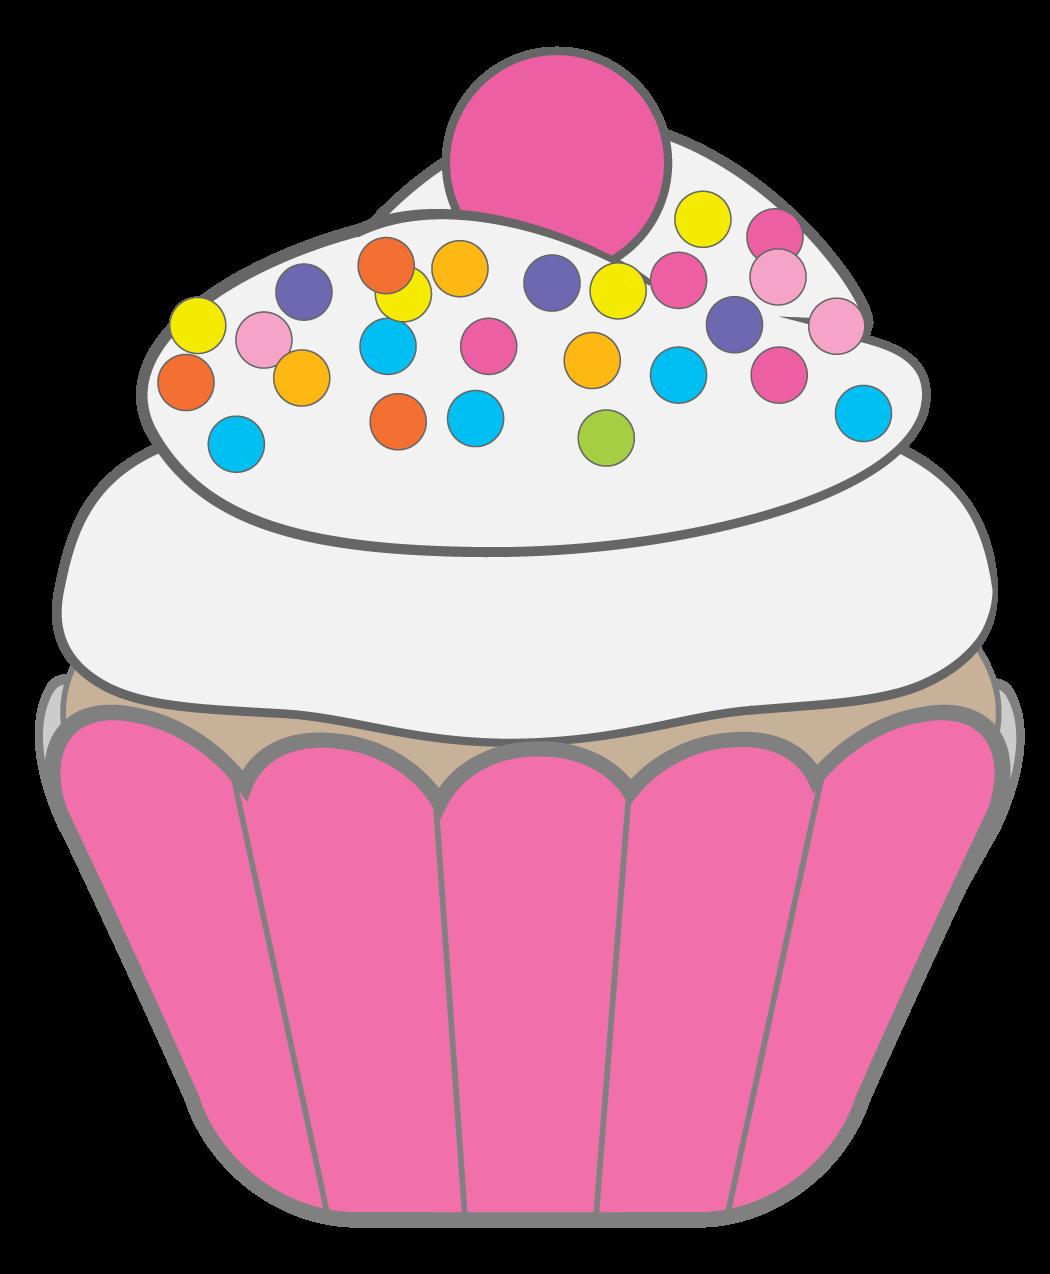 Birthday cake cupcake. The barefoot chorister mama